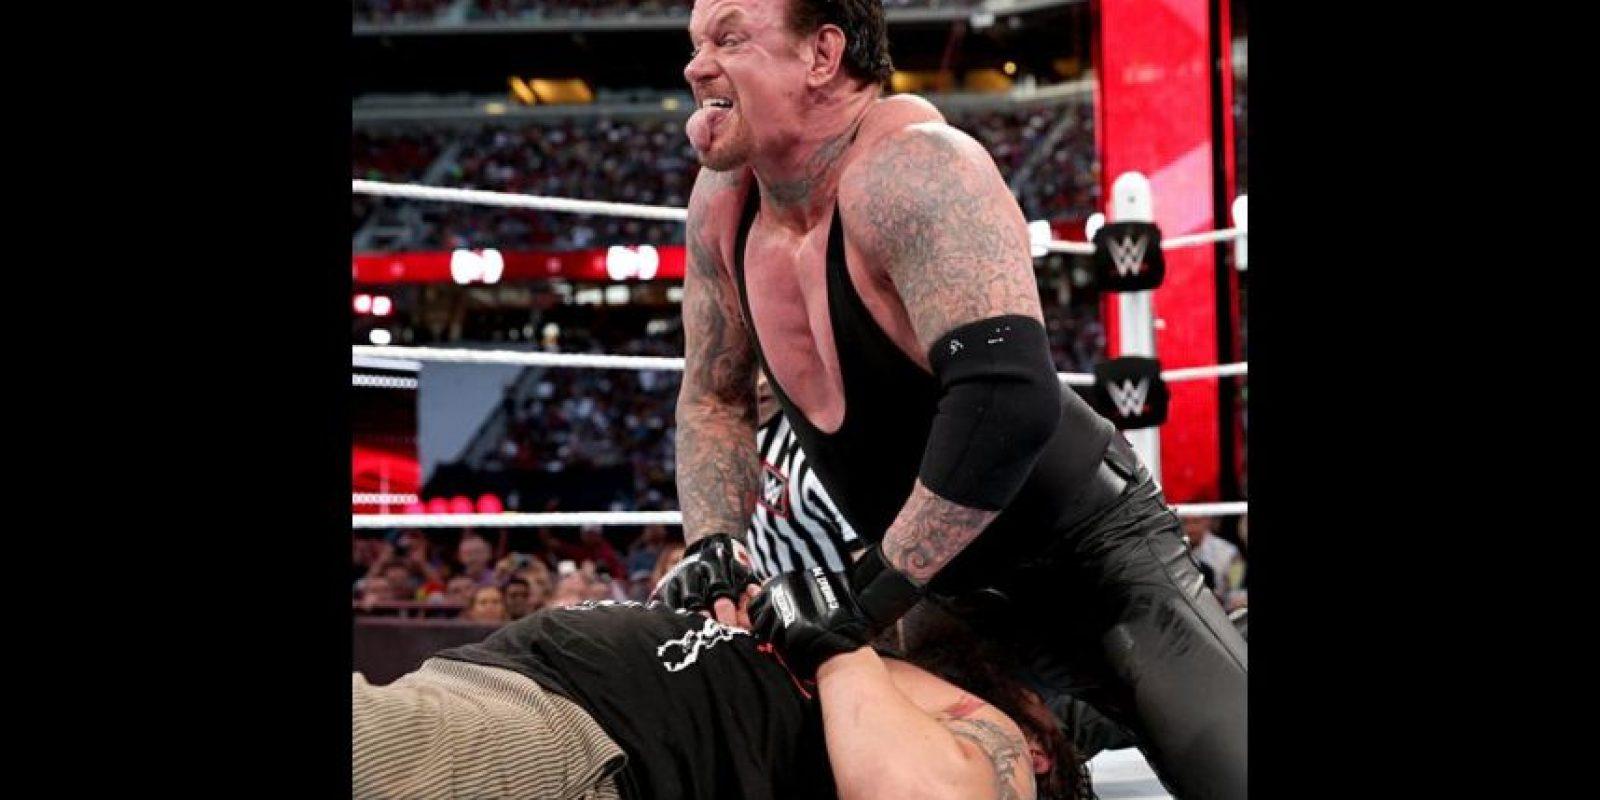 Fue un encuentro para demostrar quién era la cara del miedo en la WWE Foto:WWE